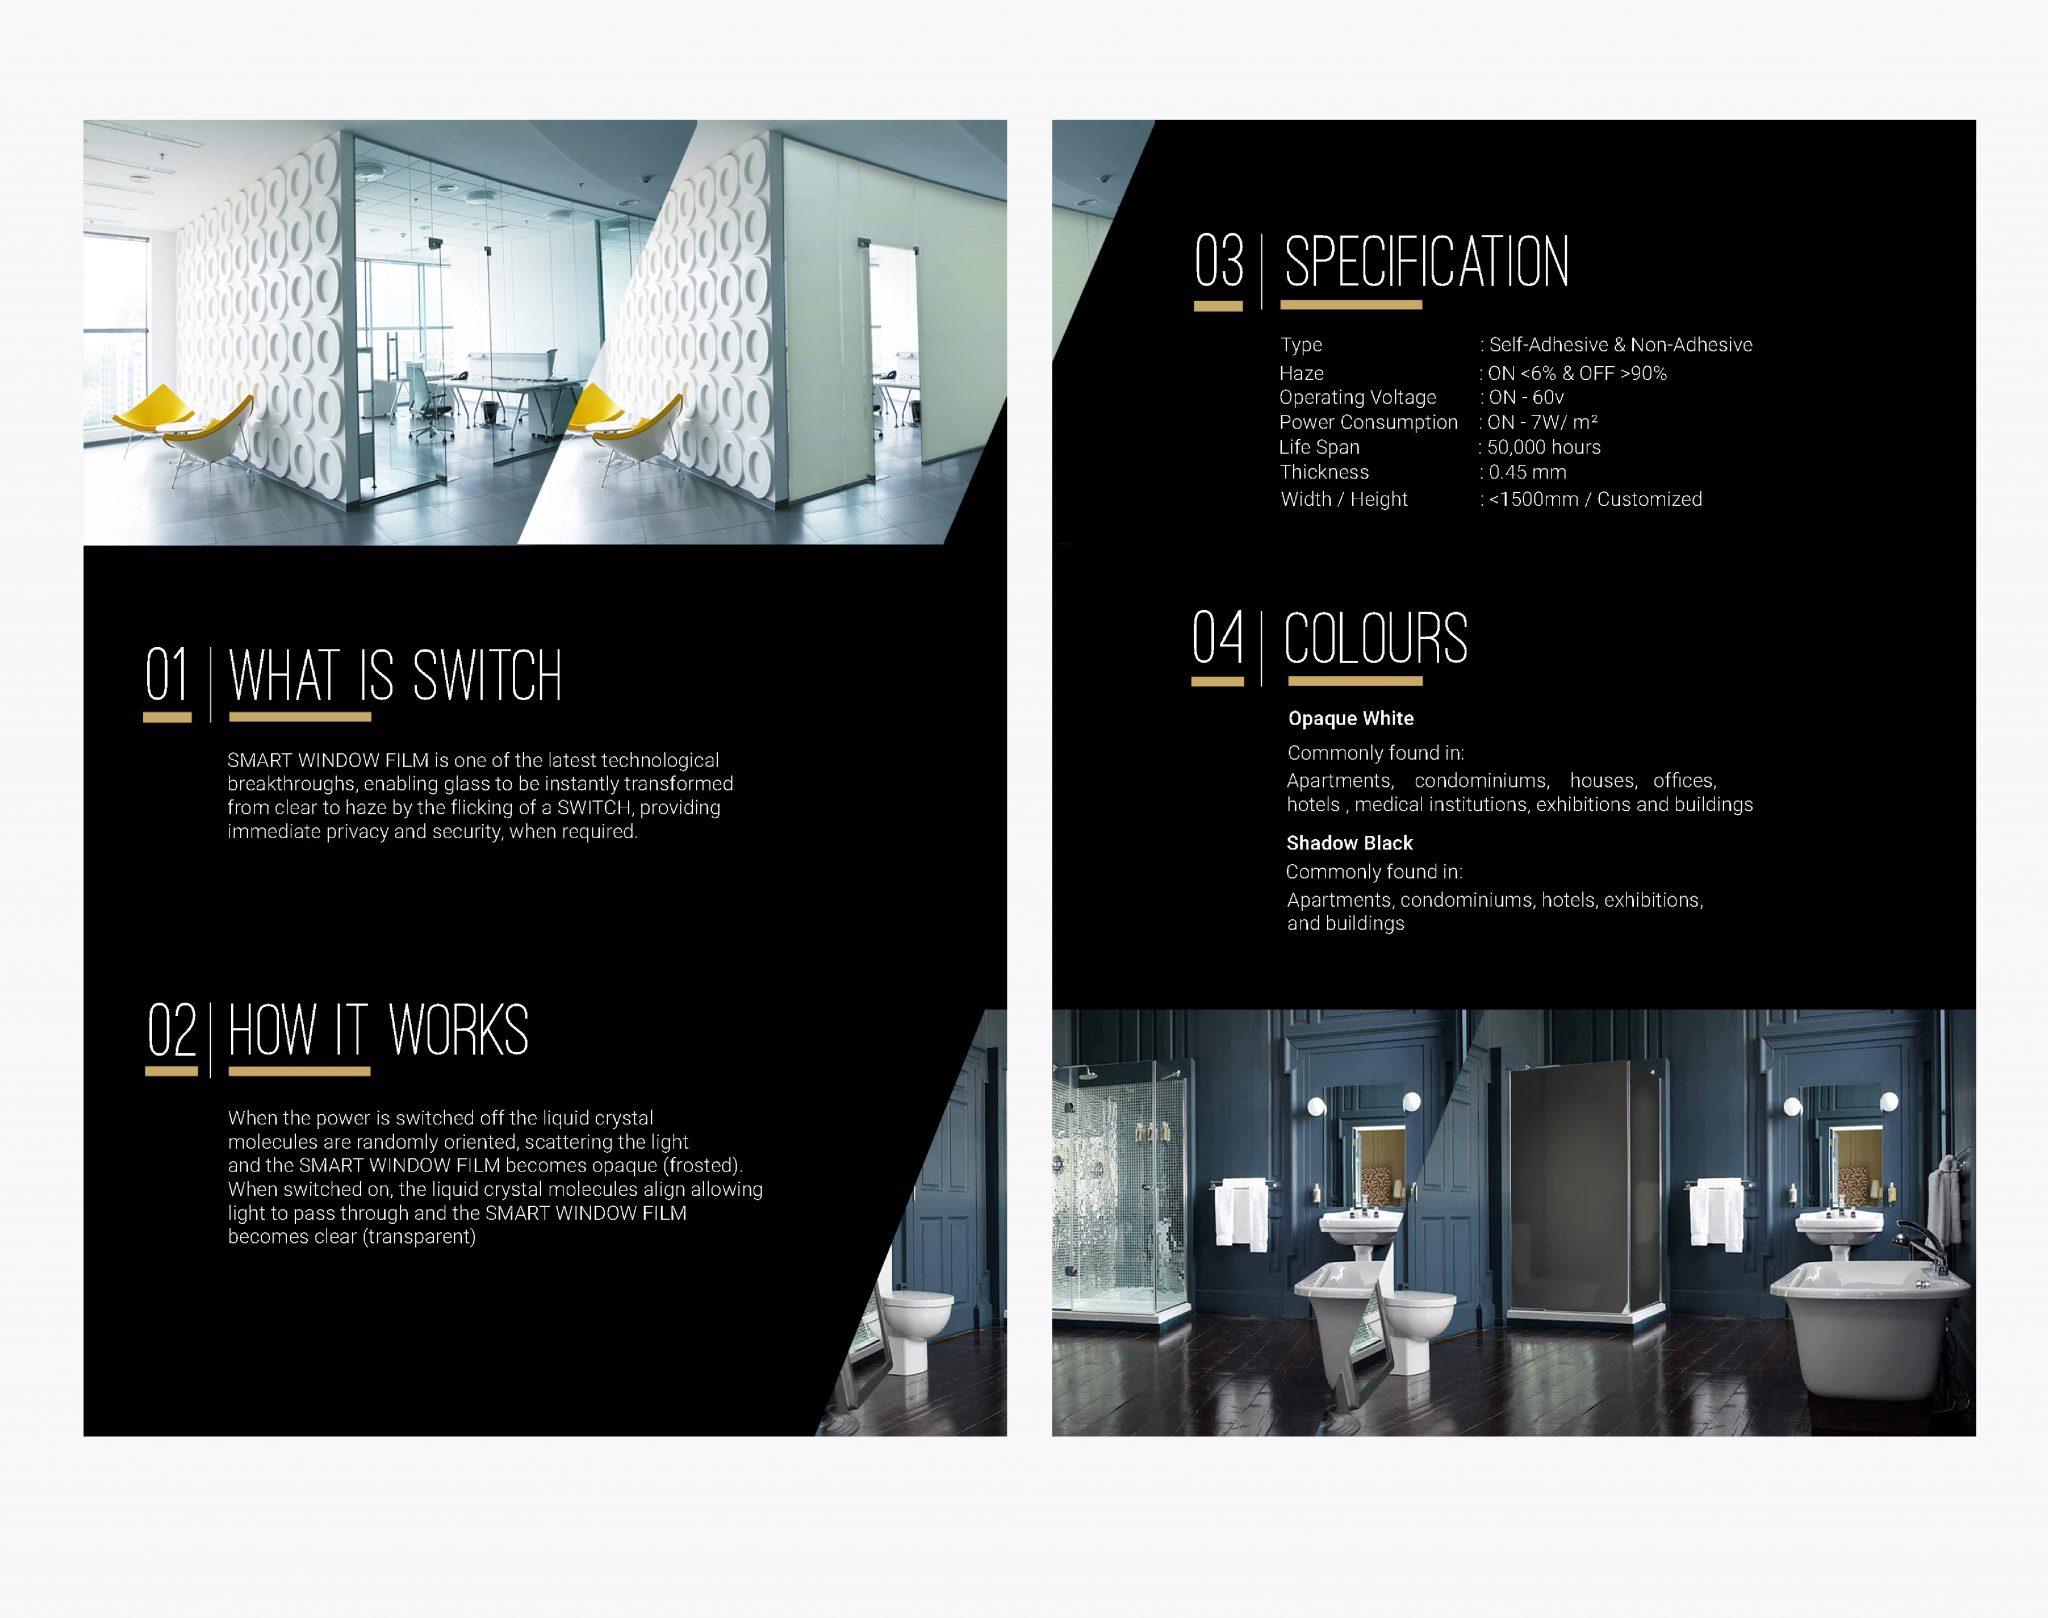 Shift Company profile